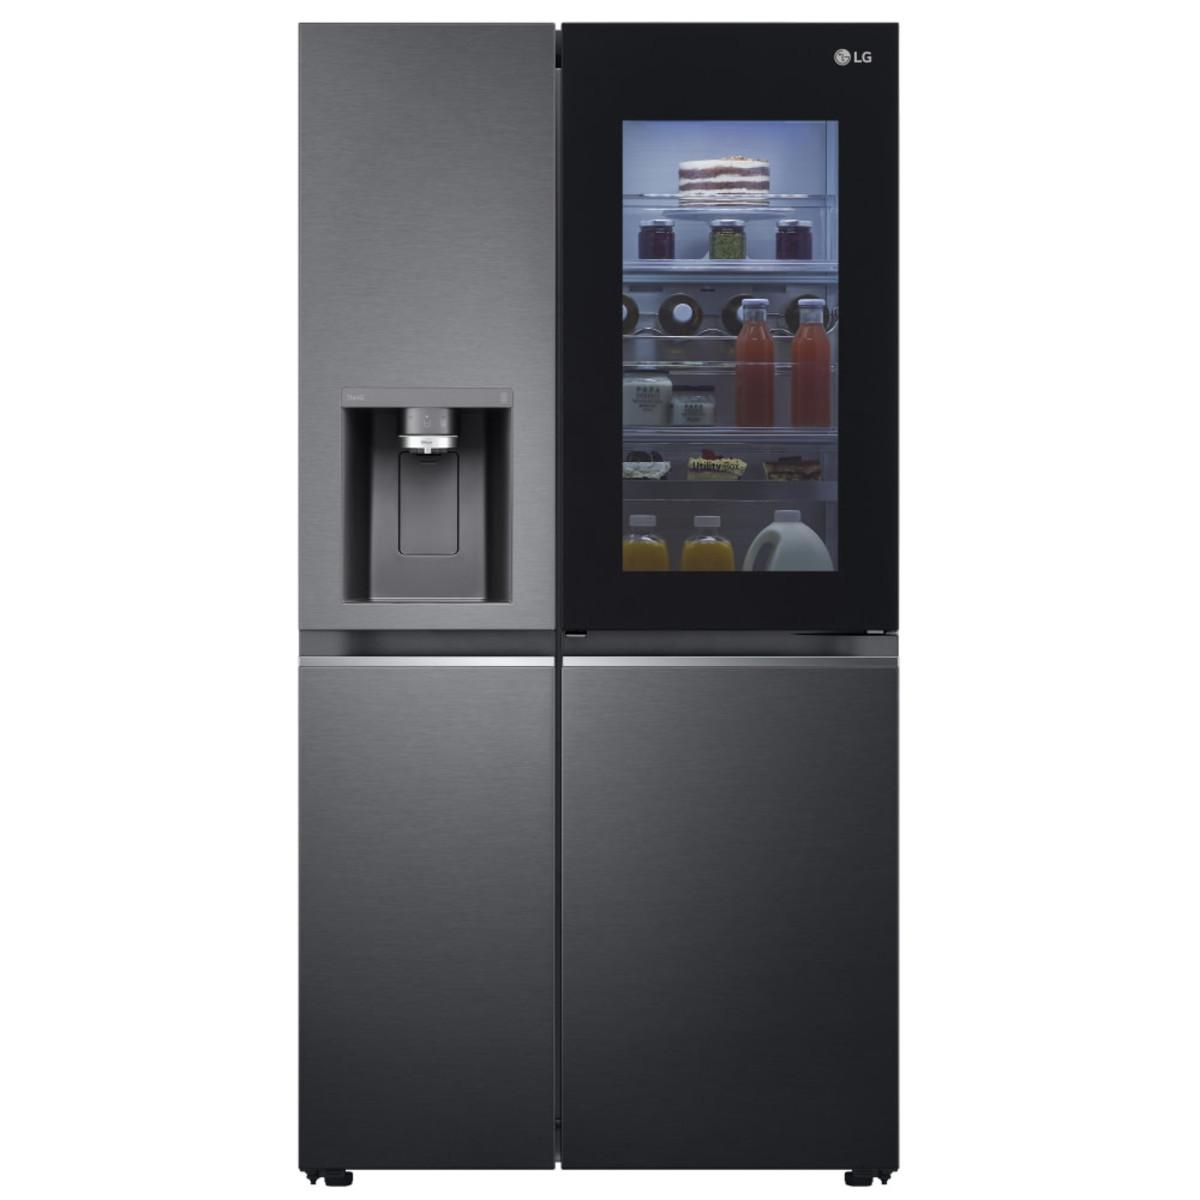 LG GSXV91MCAE InstaView 635L Door-in-Door Fridge Freezer, Matte Black